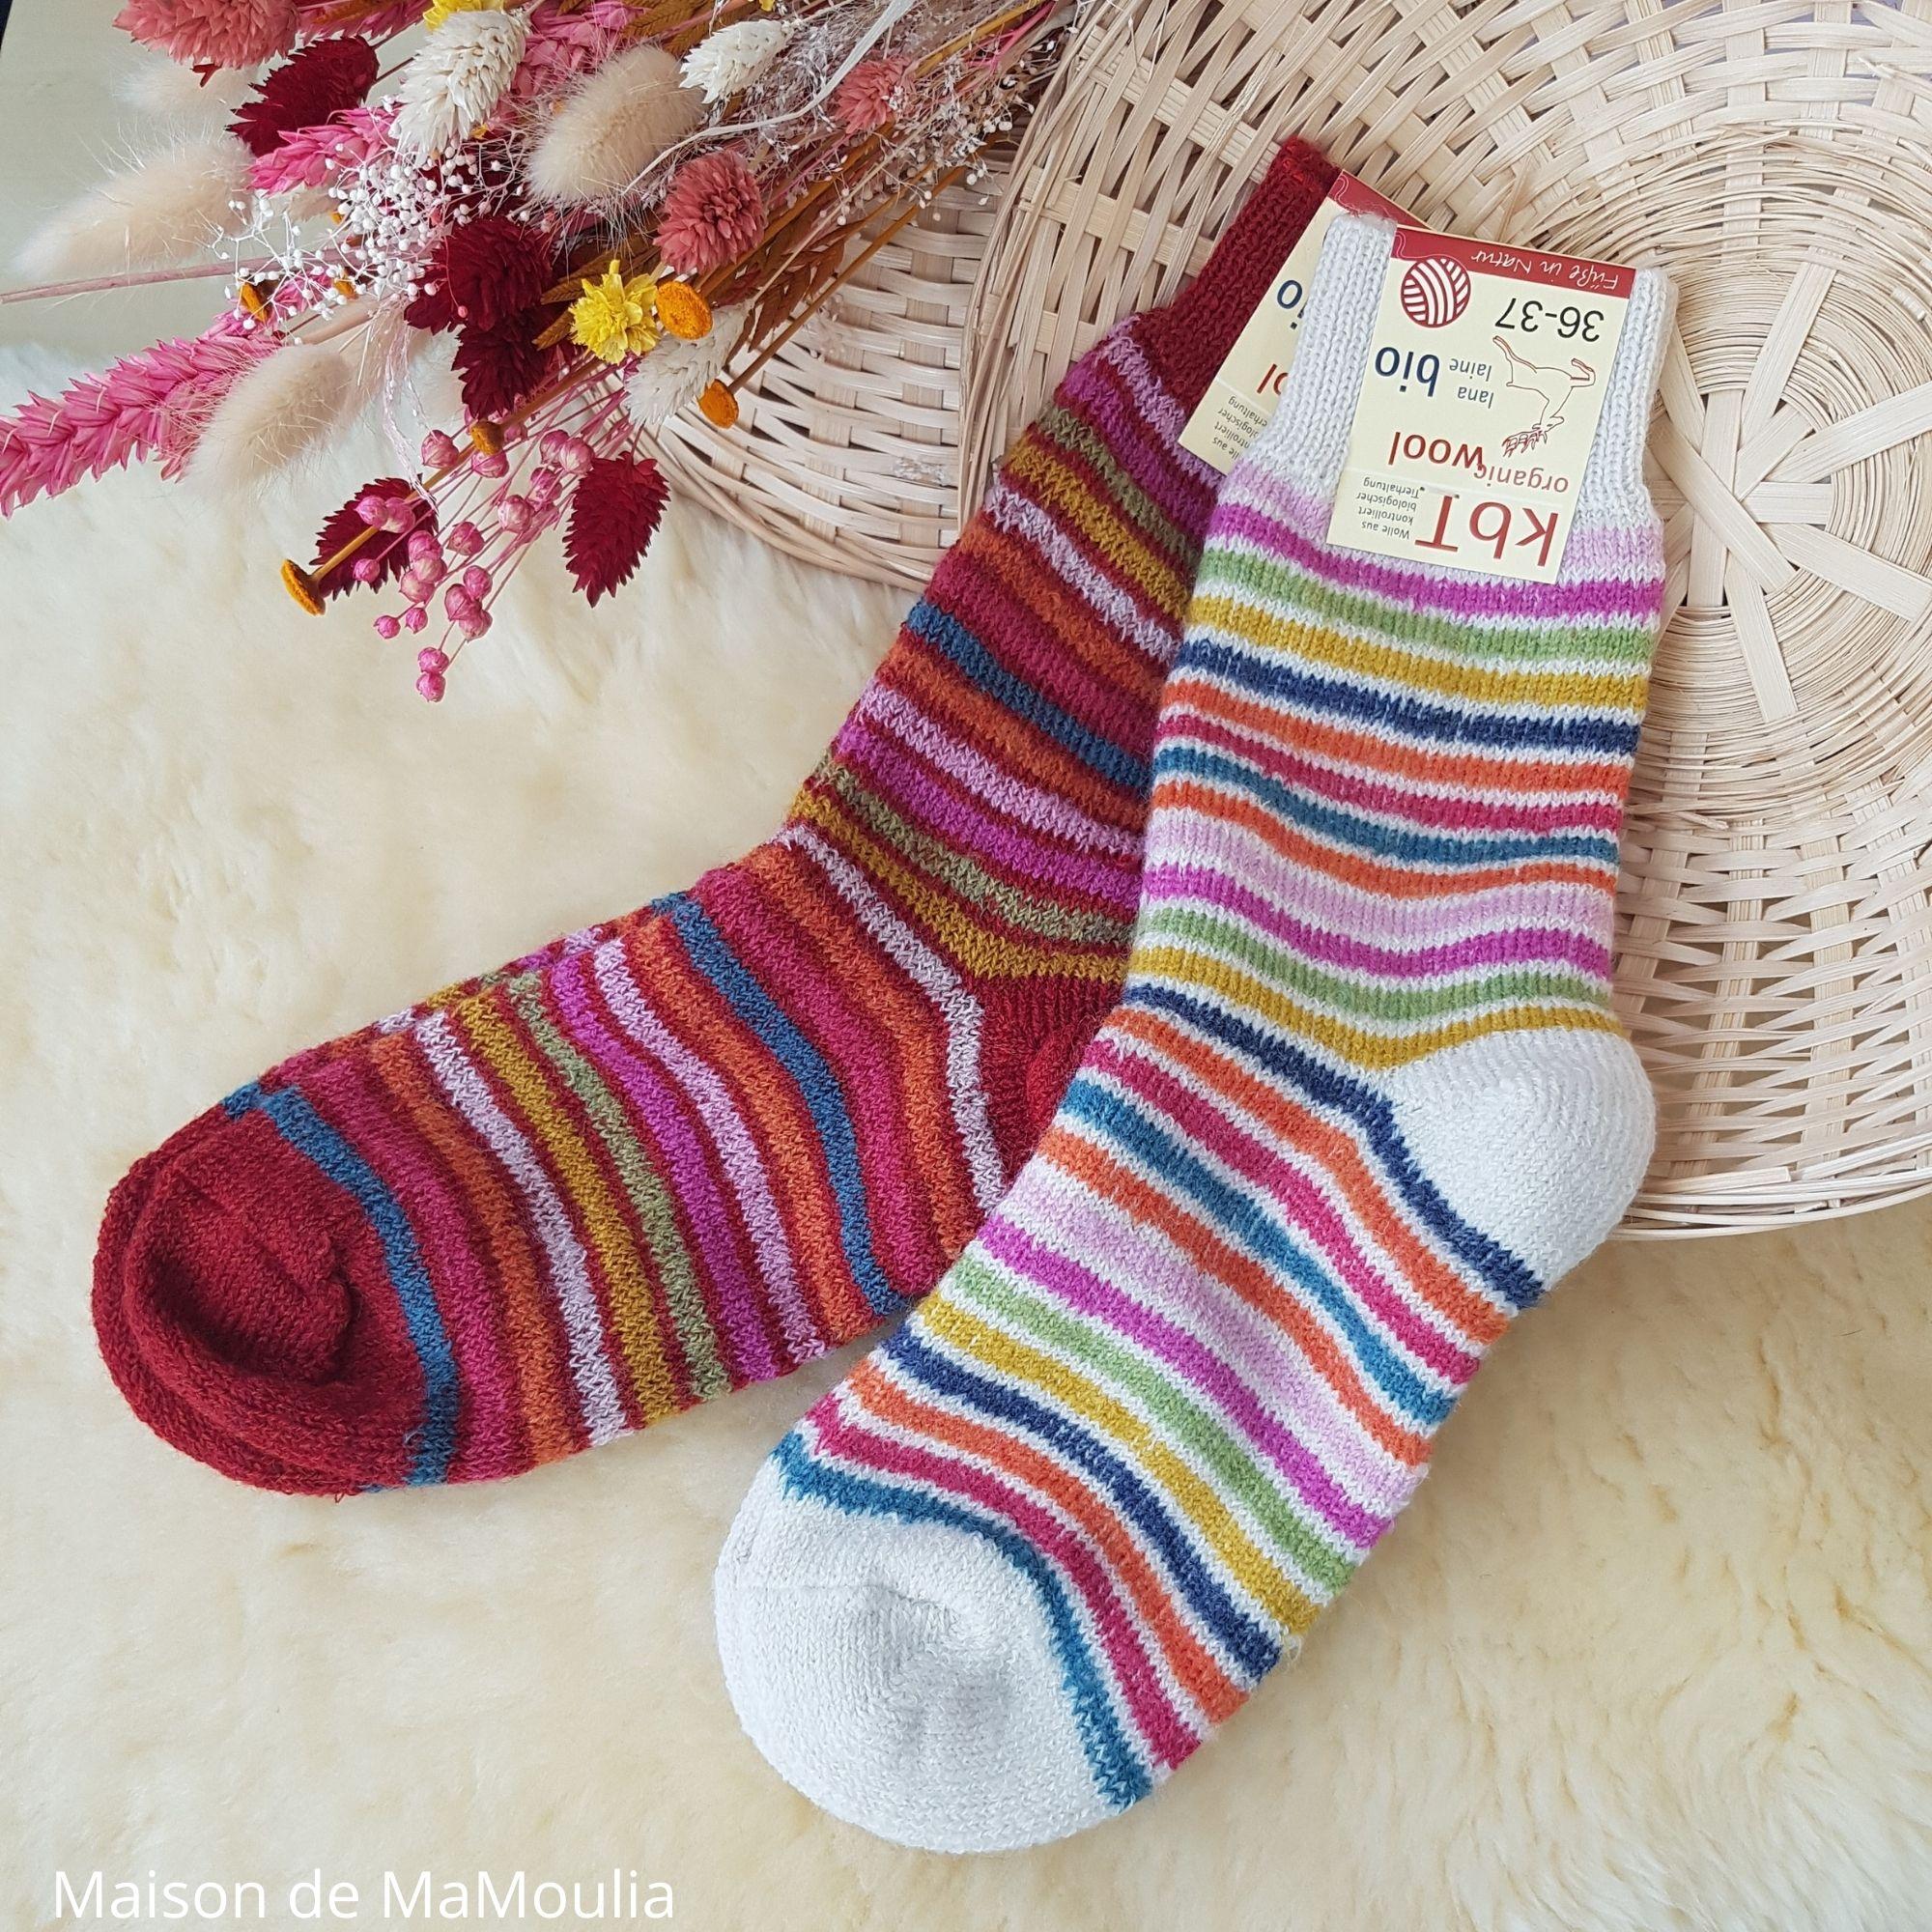 HIRSCH Natur - Chaussettes Arc-en-ciel - 100% laine - Adulte